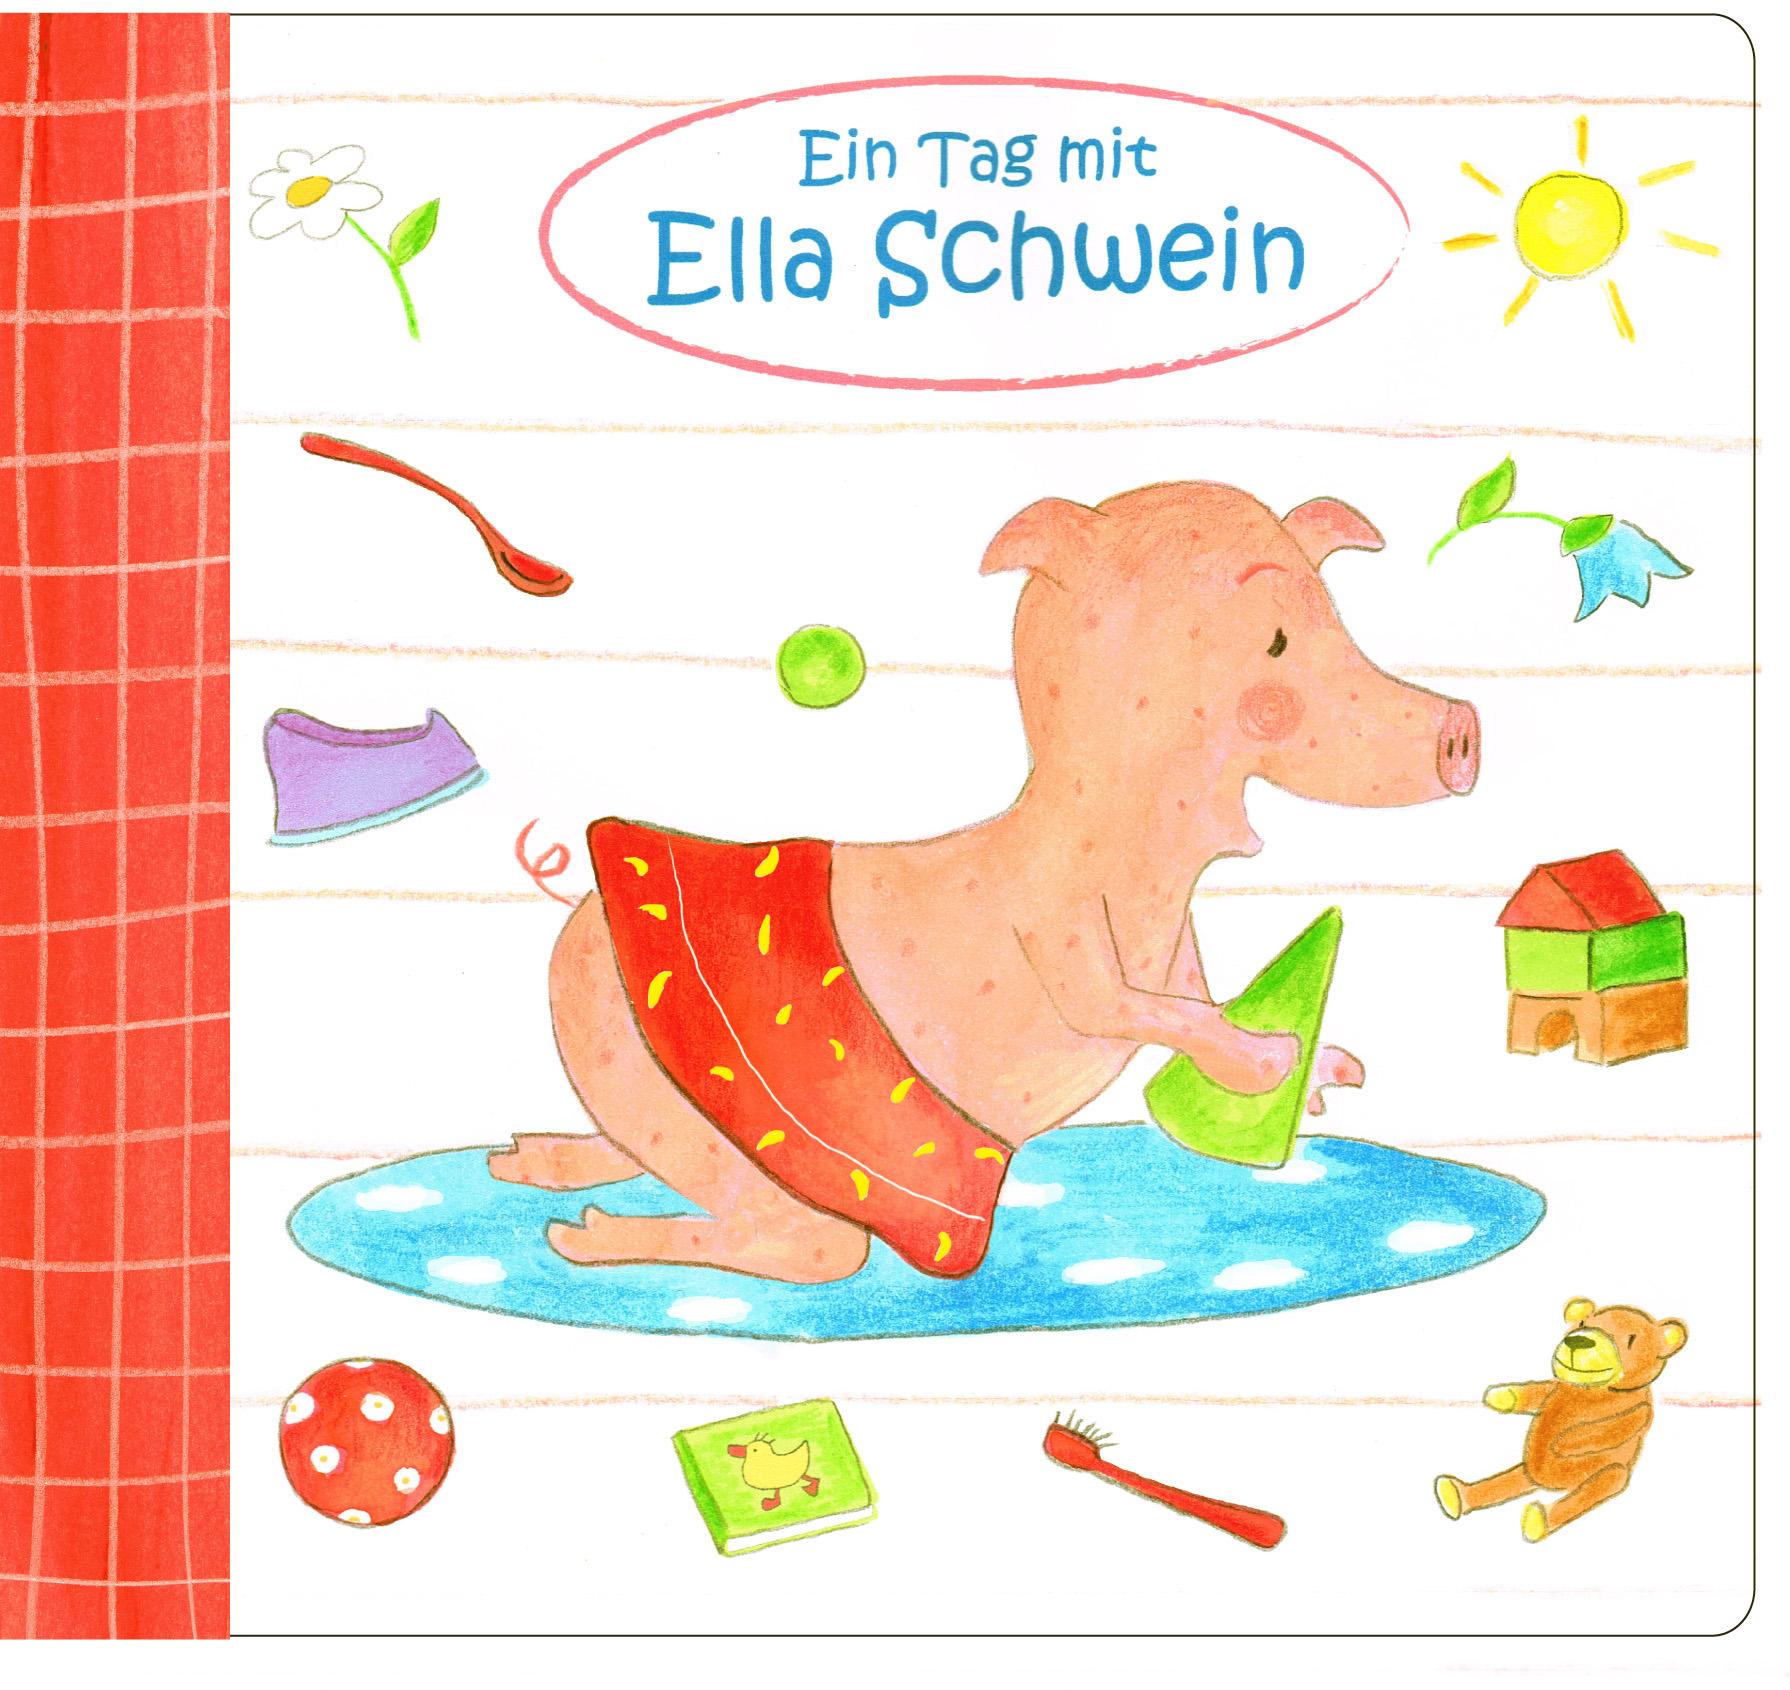 Ein Tag mit Ella Schwein